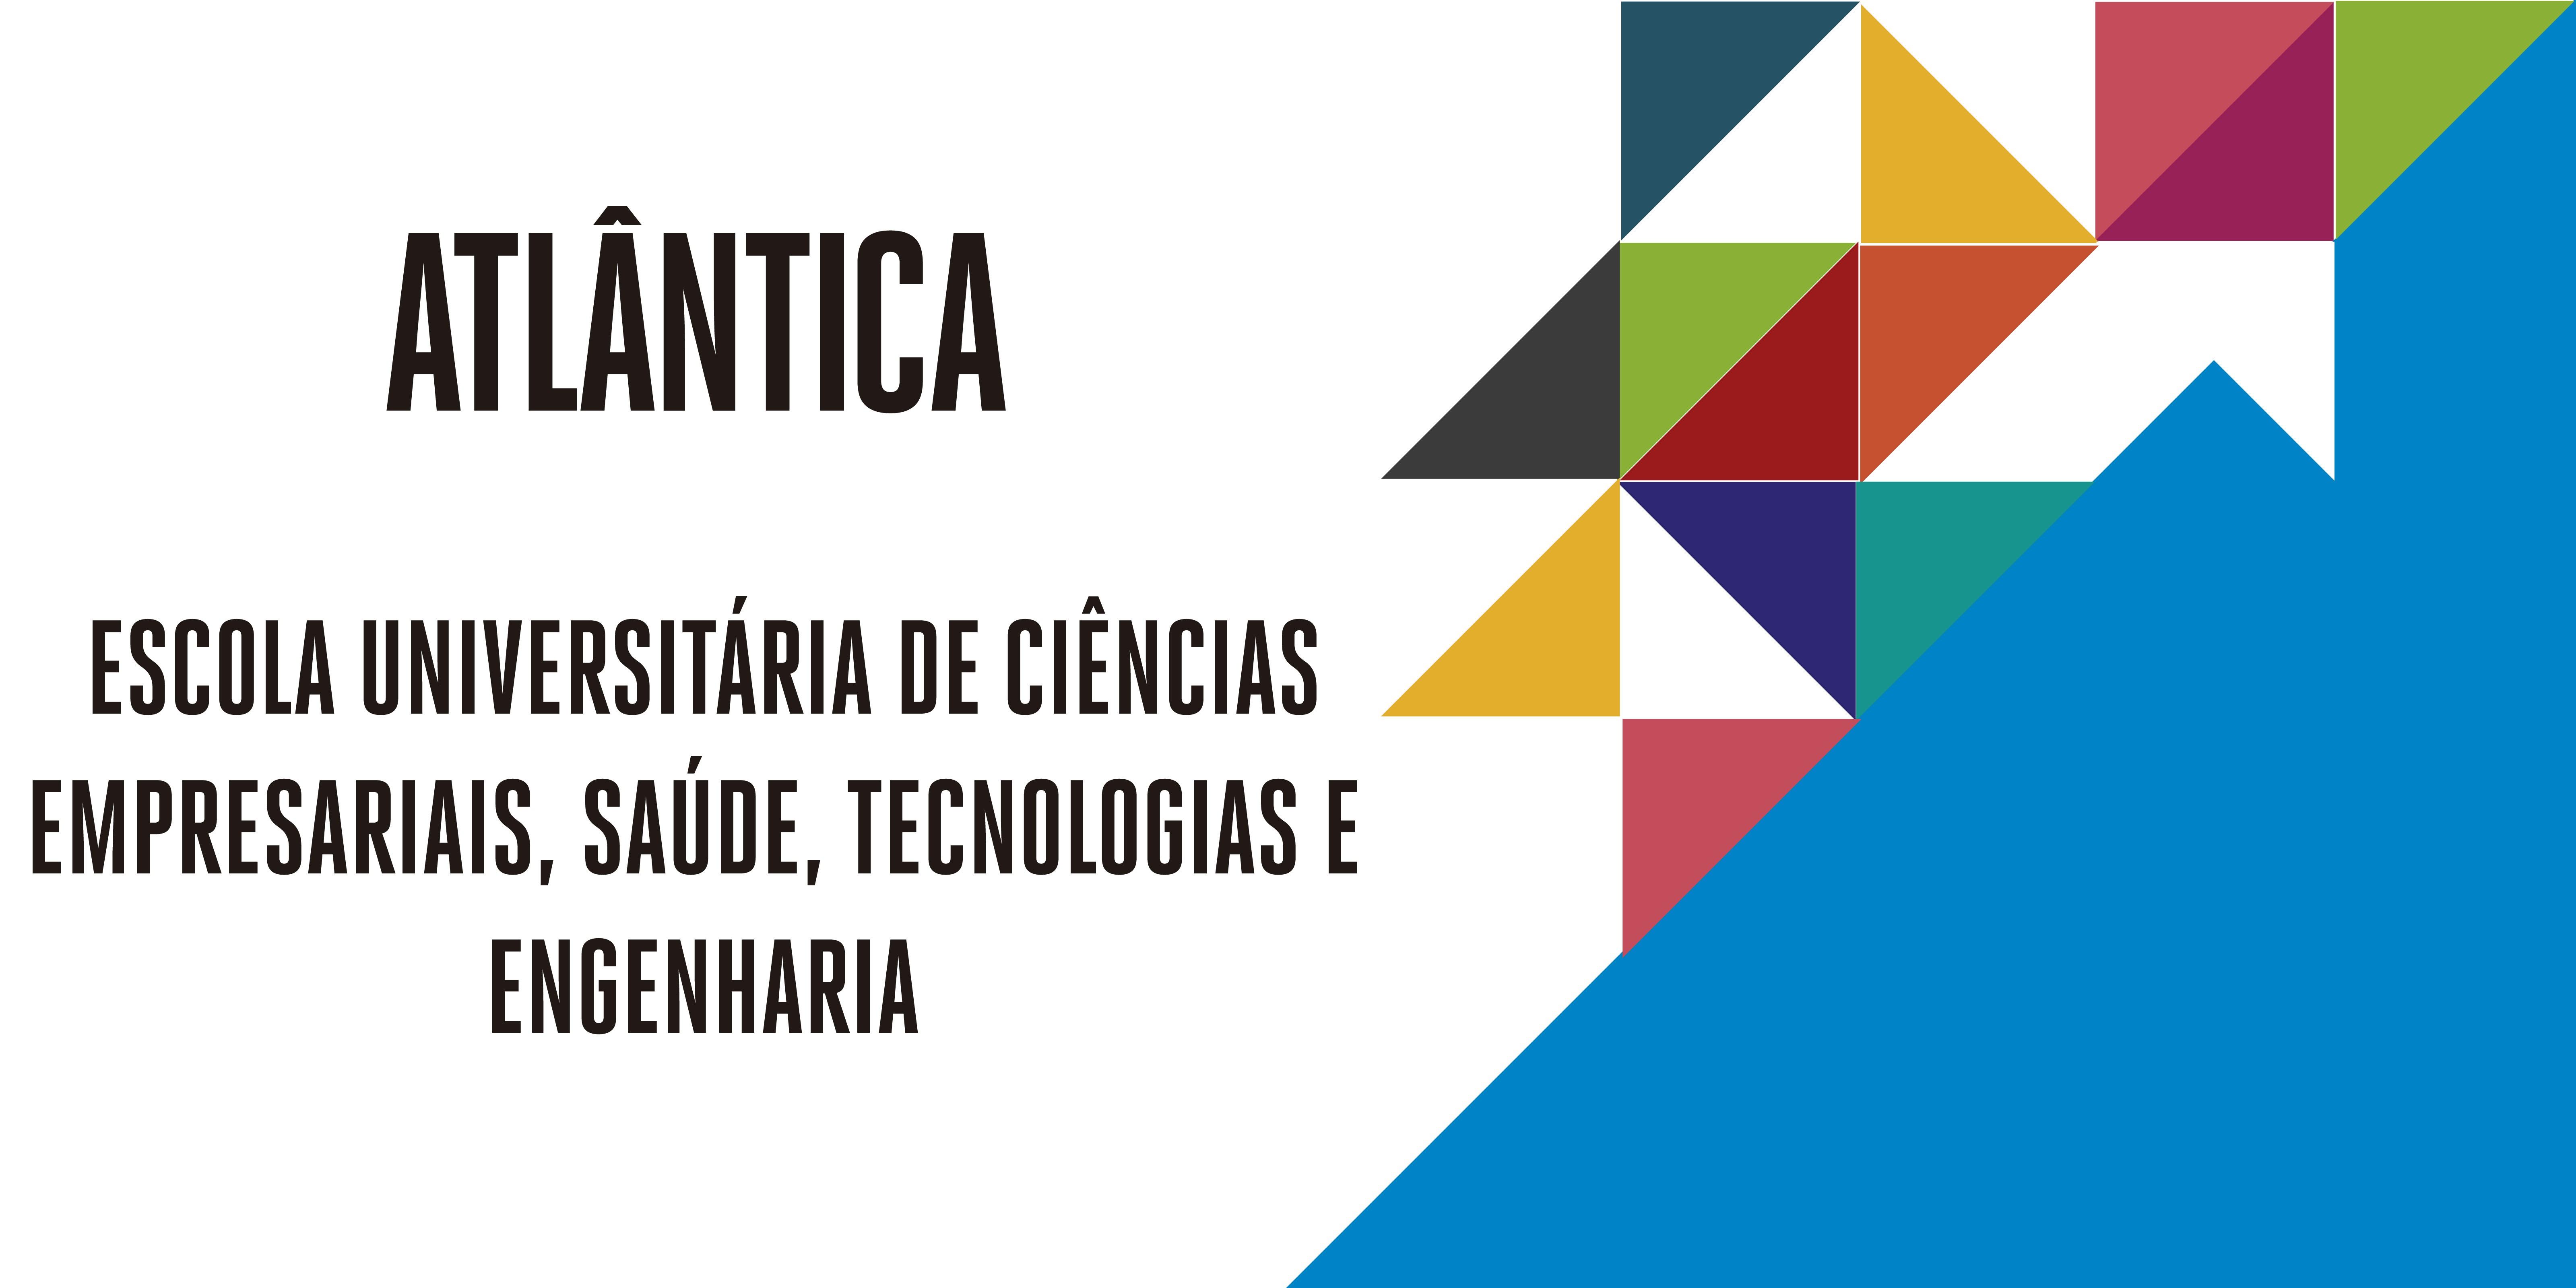 Atlântica | LinkedIn